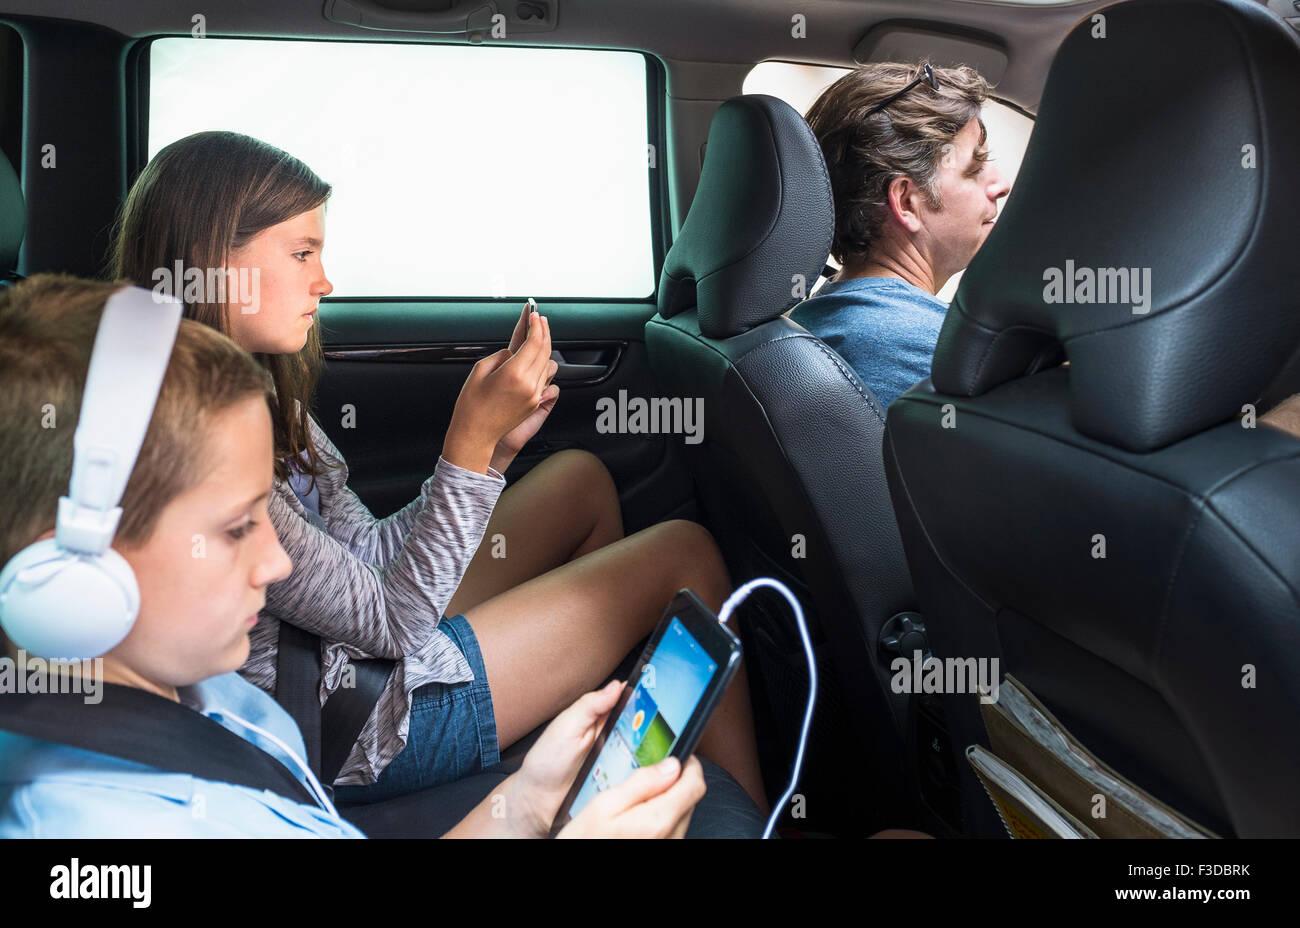 Niños (8-9, 10-11) el texto siguiente en el asiento de atrás Imagen De Stock